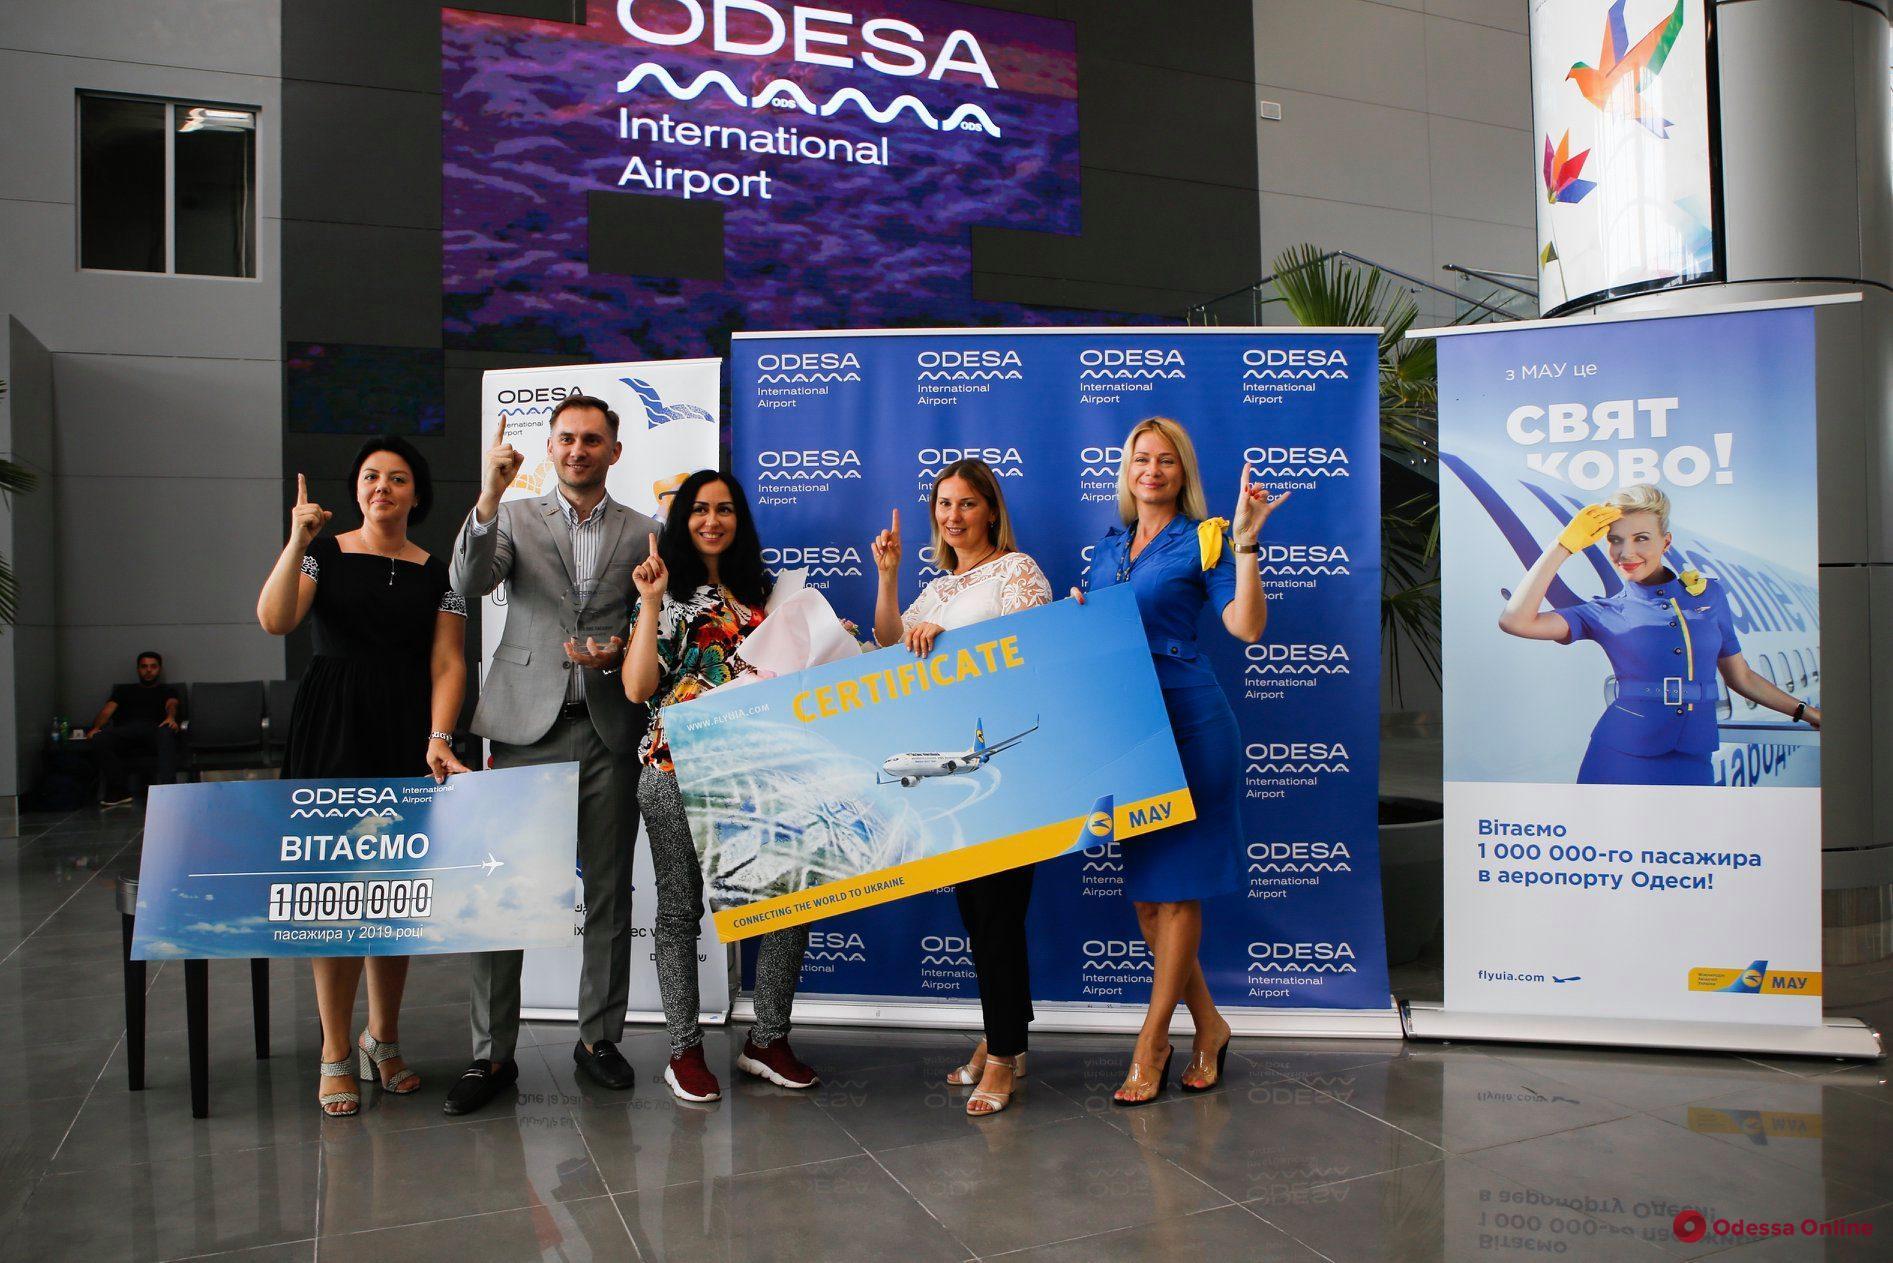 Одесский аэропорт обслужил миллионного пассажира